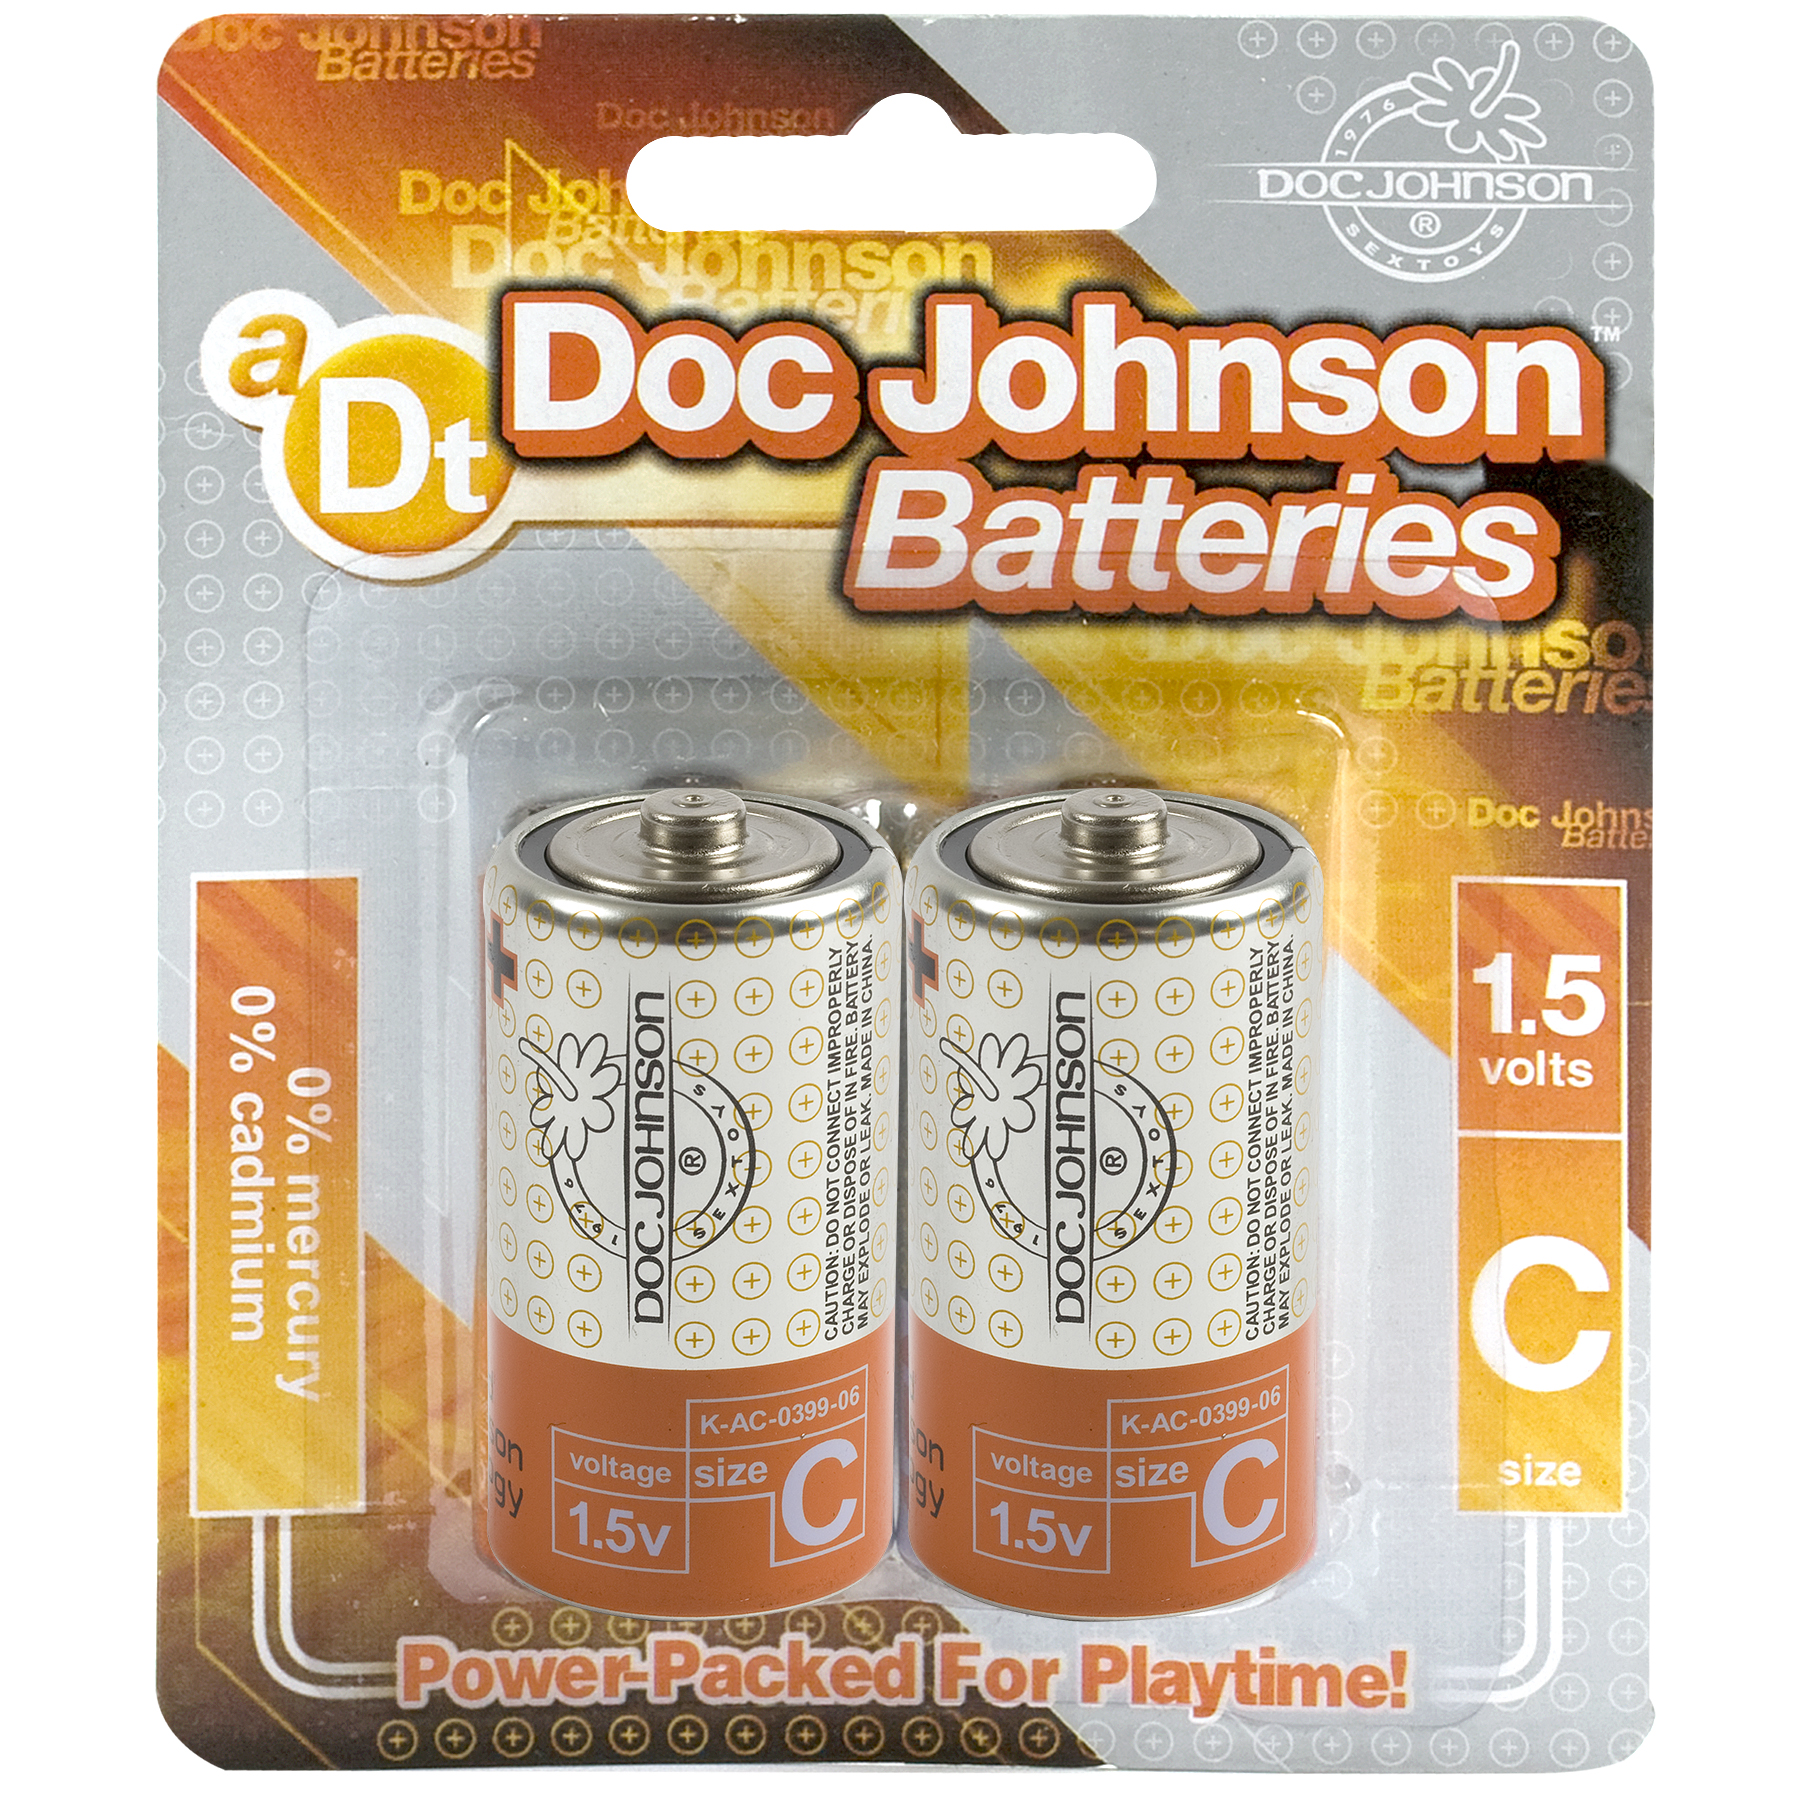 DOC JOHNSON BATTERIES C 2 PACK CD